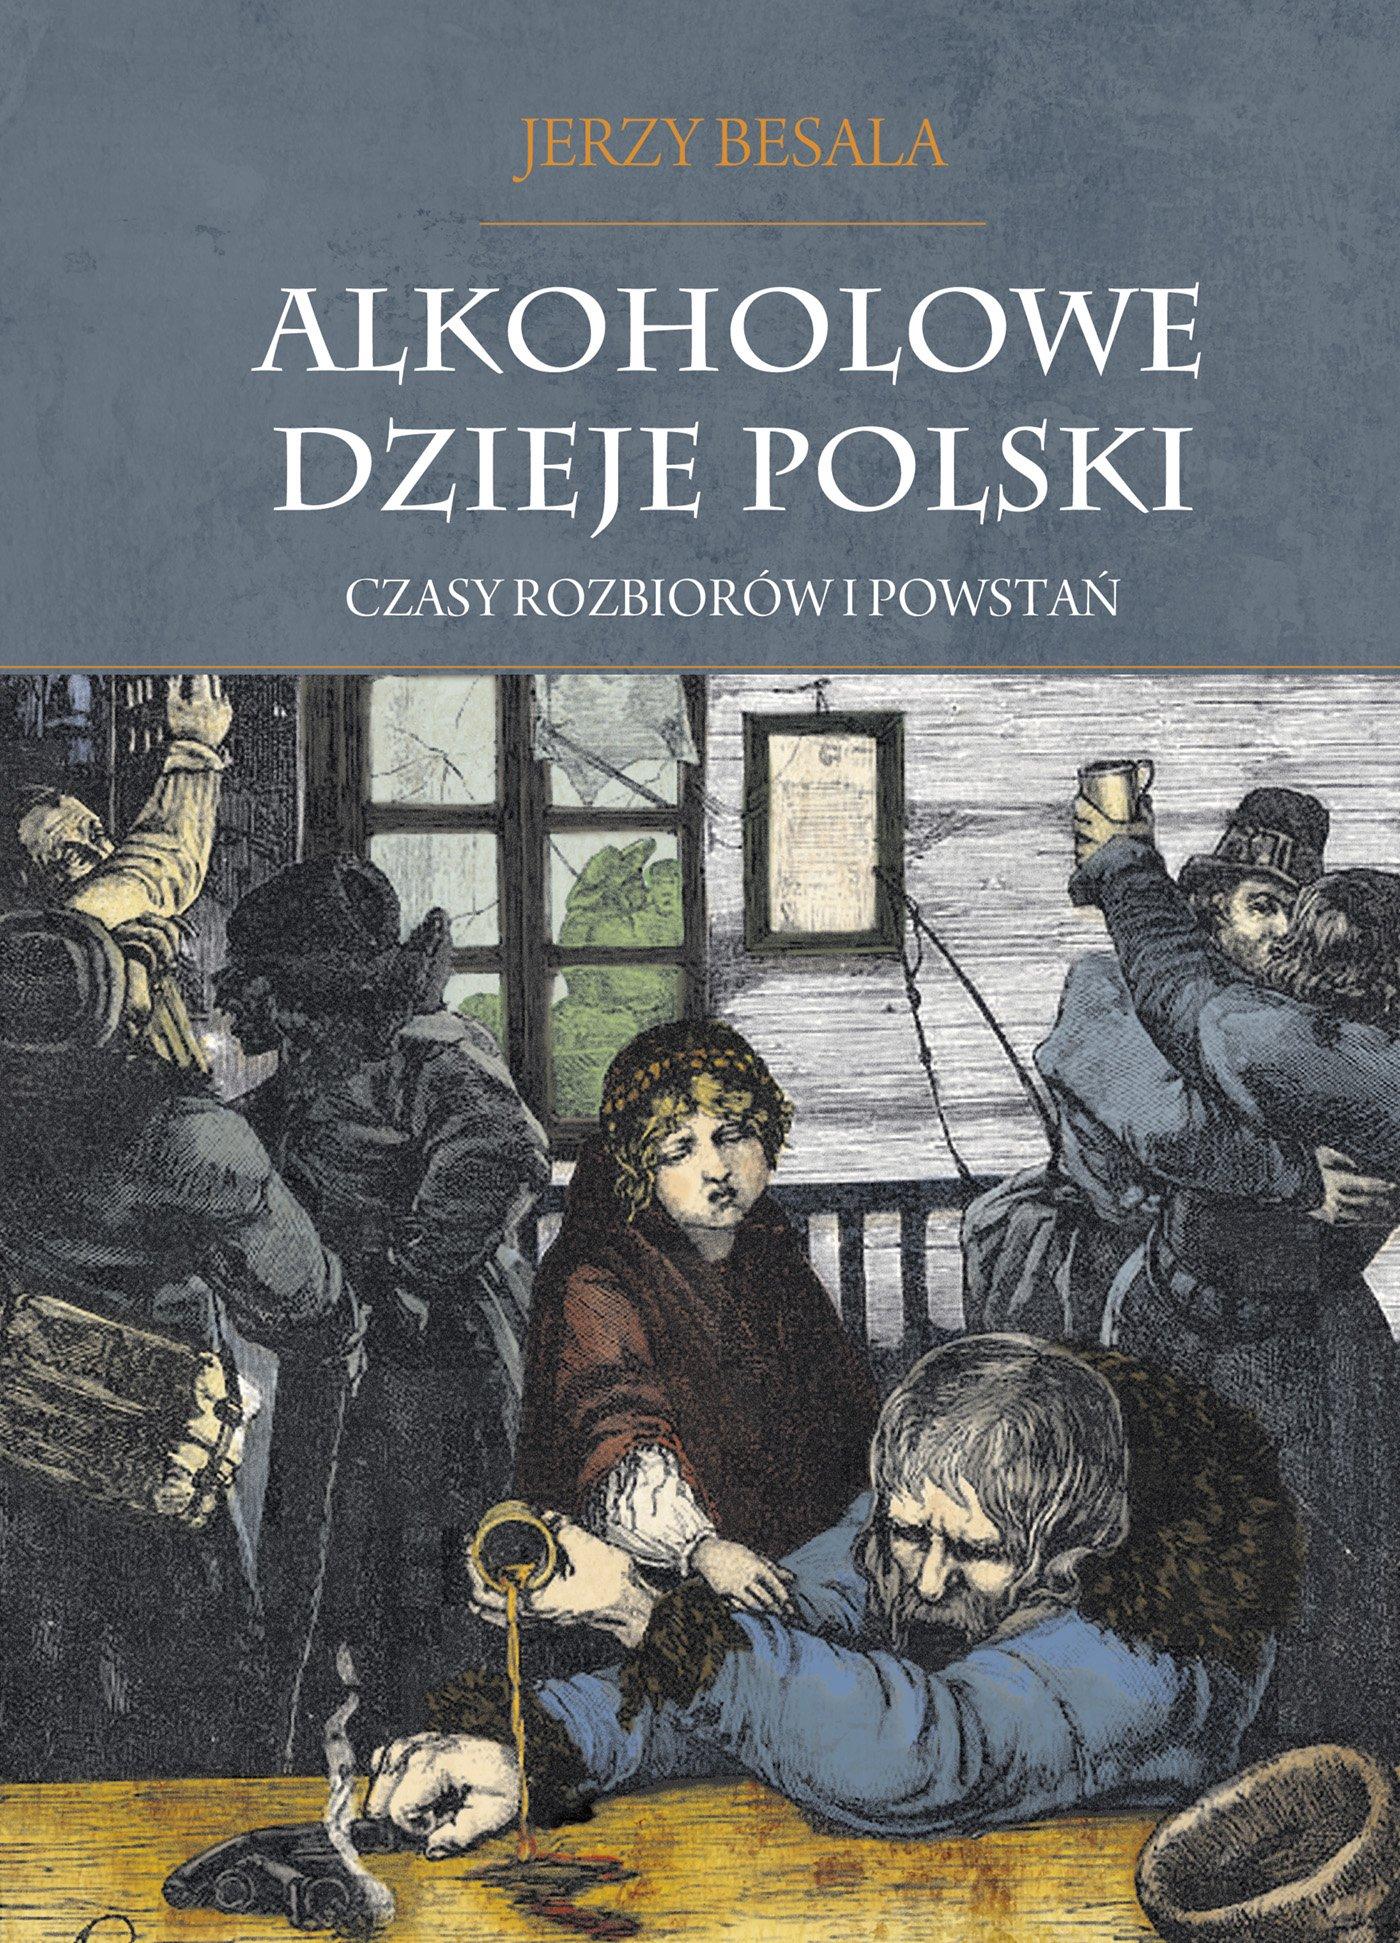 Alkoholowe dzieje Polski. Czasy rozbiorów i powstań T.2 - Ebook (Książka EPUB) do pobrania w formacie EPUB